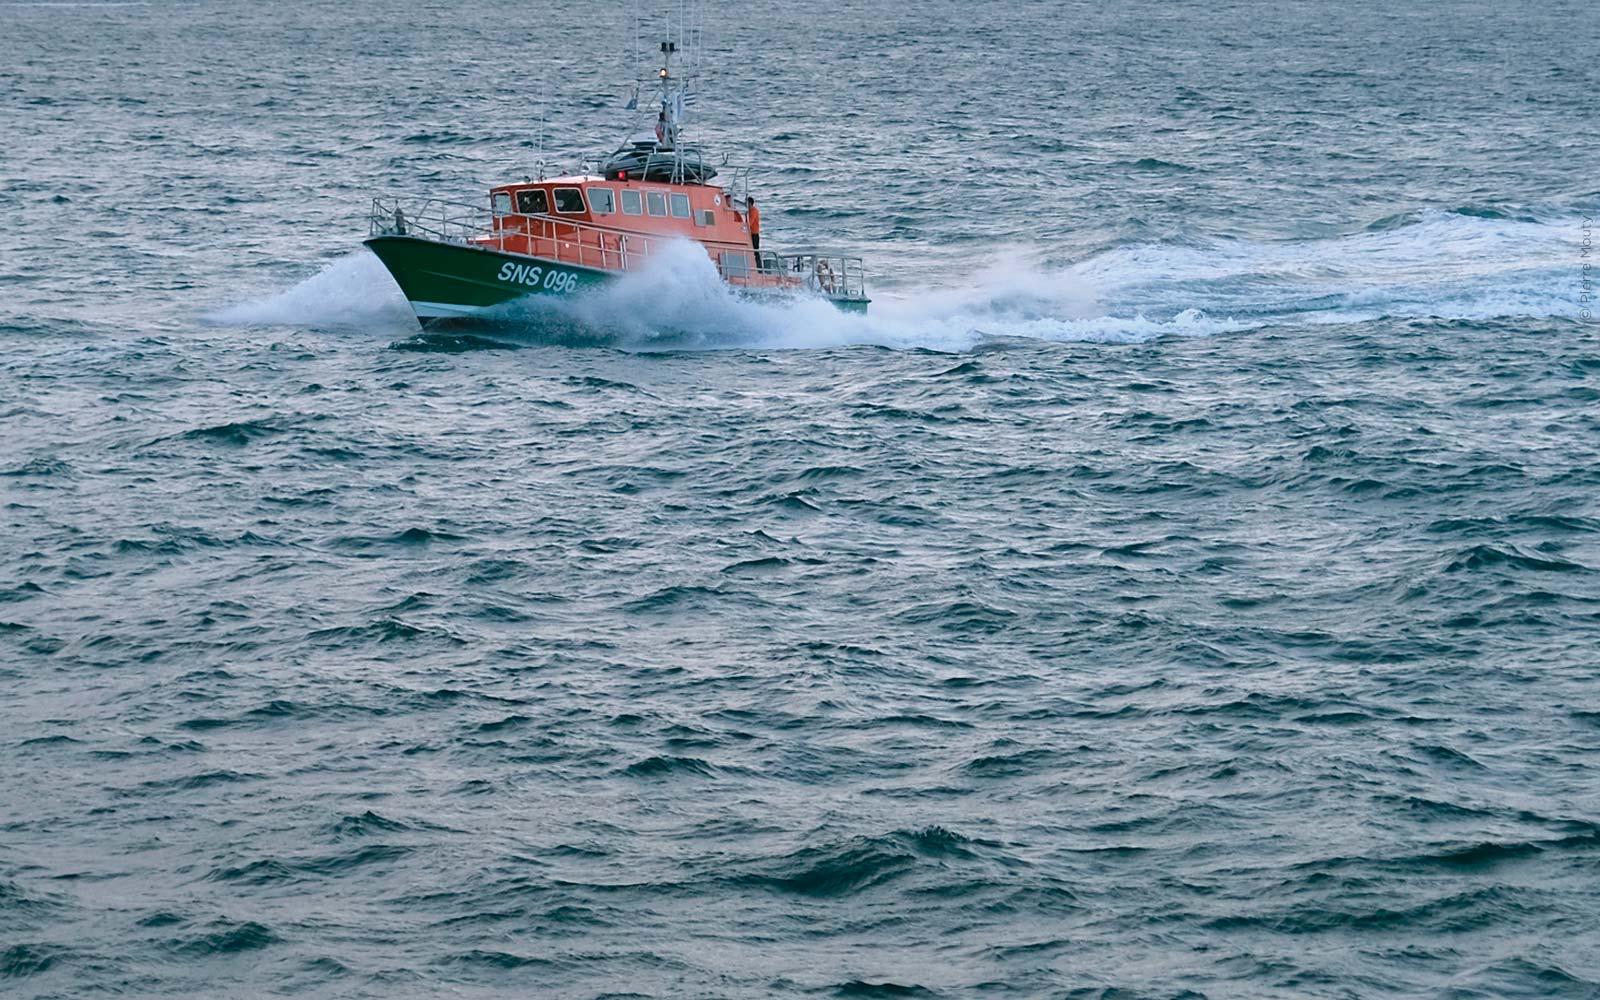 Le canot pendant un transport sanitaire